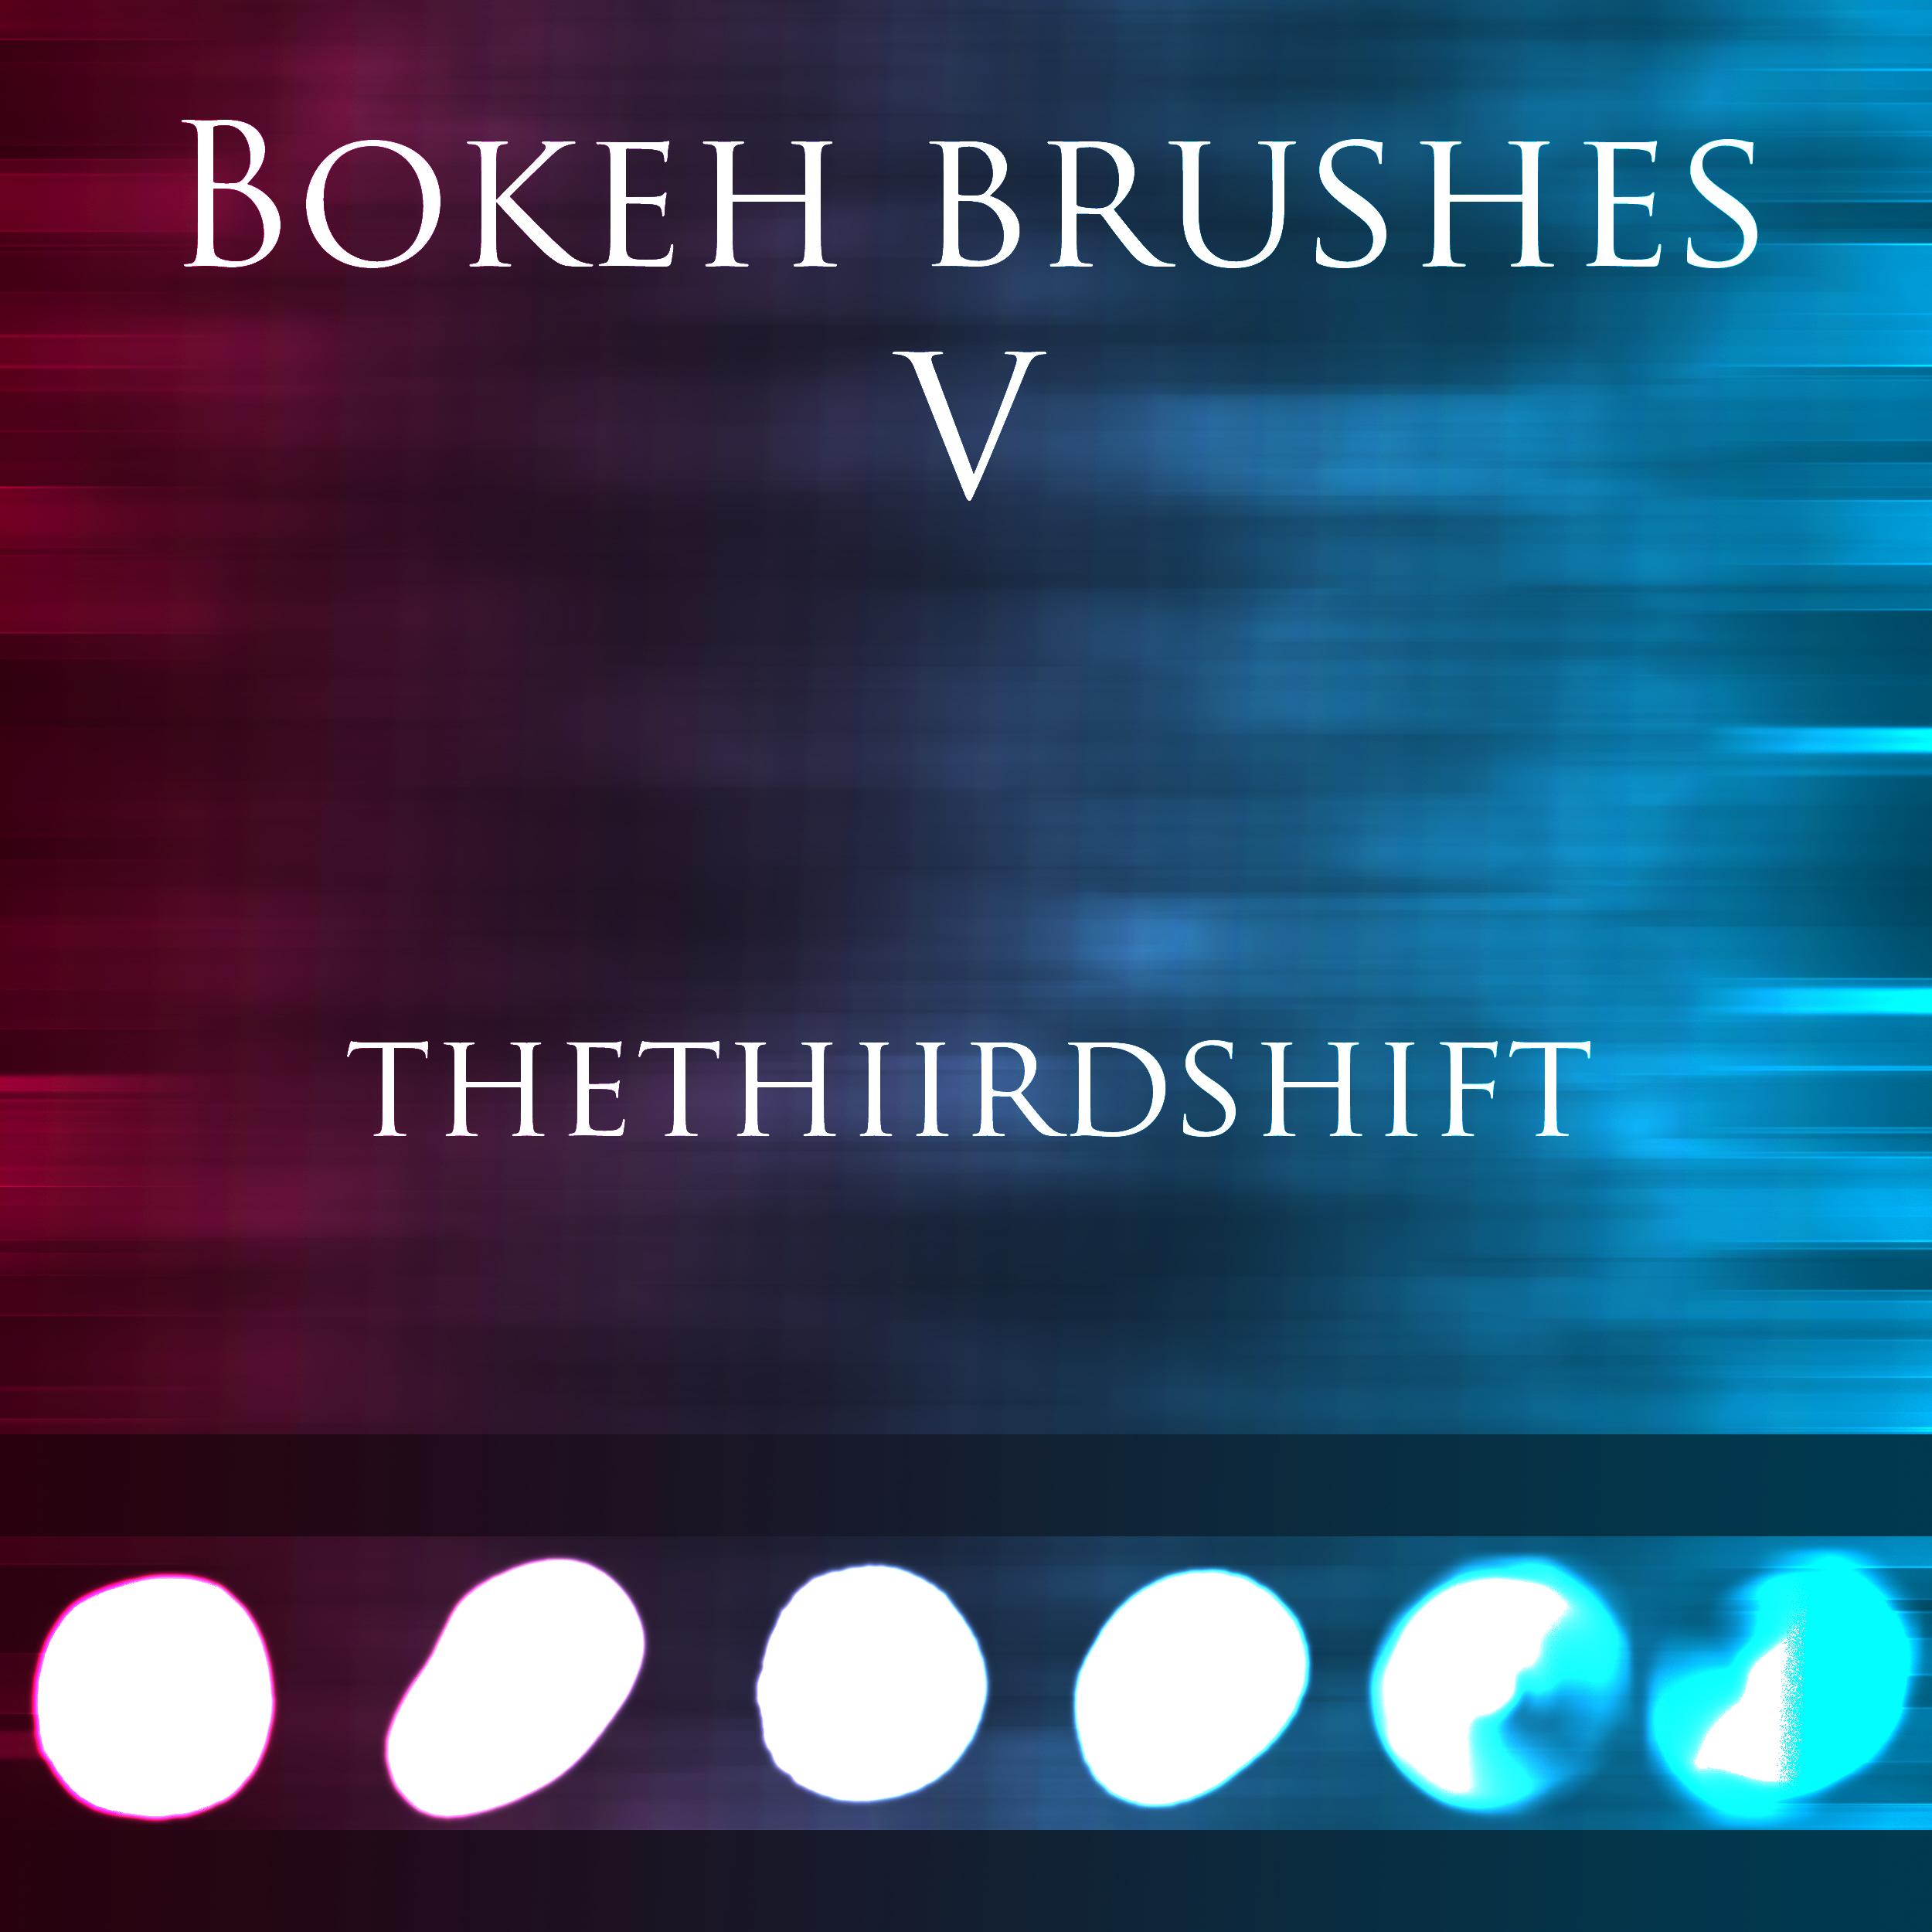 Bokeh Brushes V